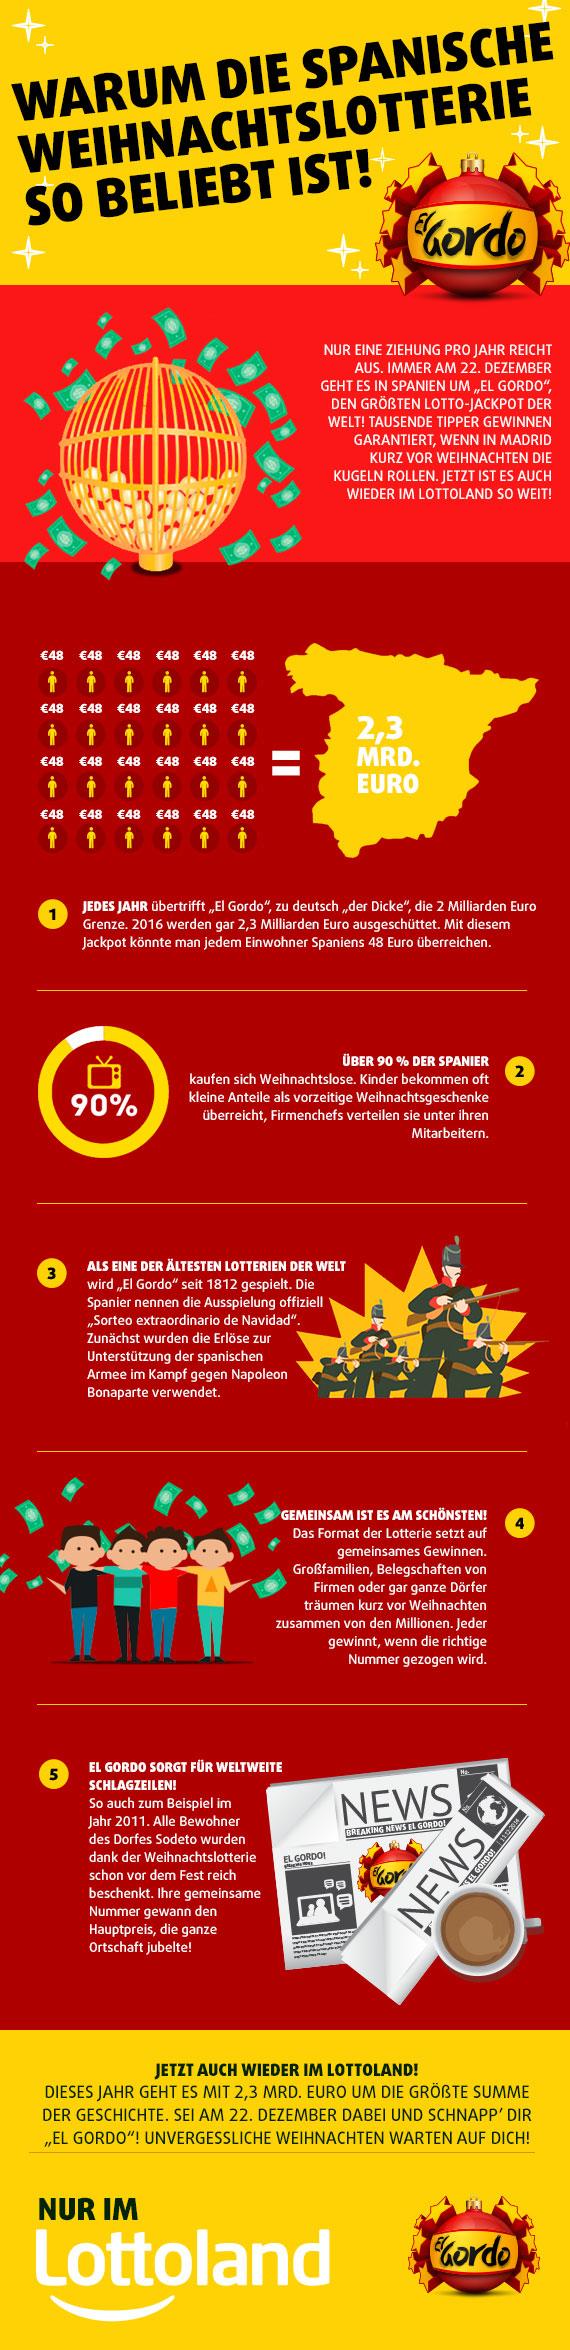 Weihnachtslotterie Deutschland